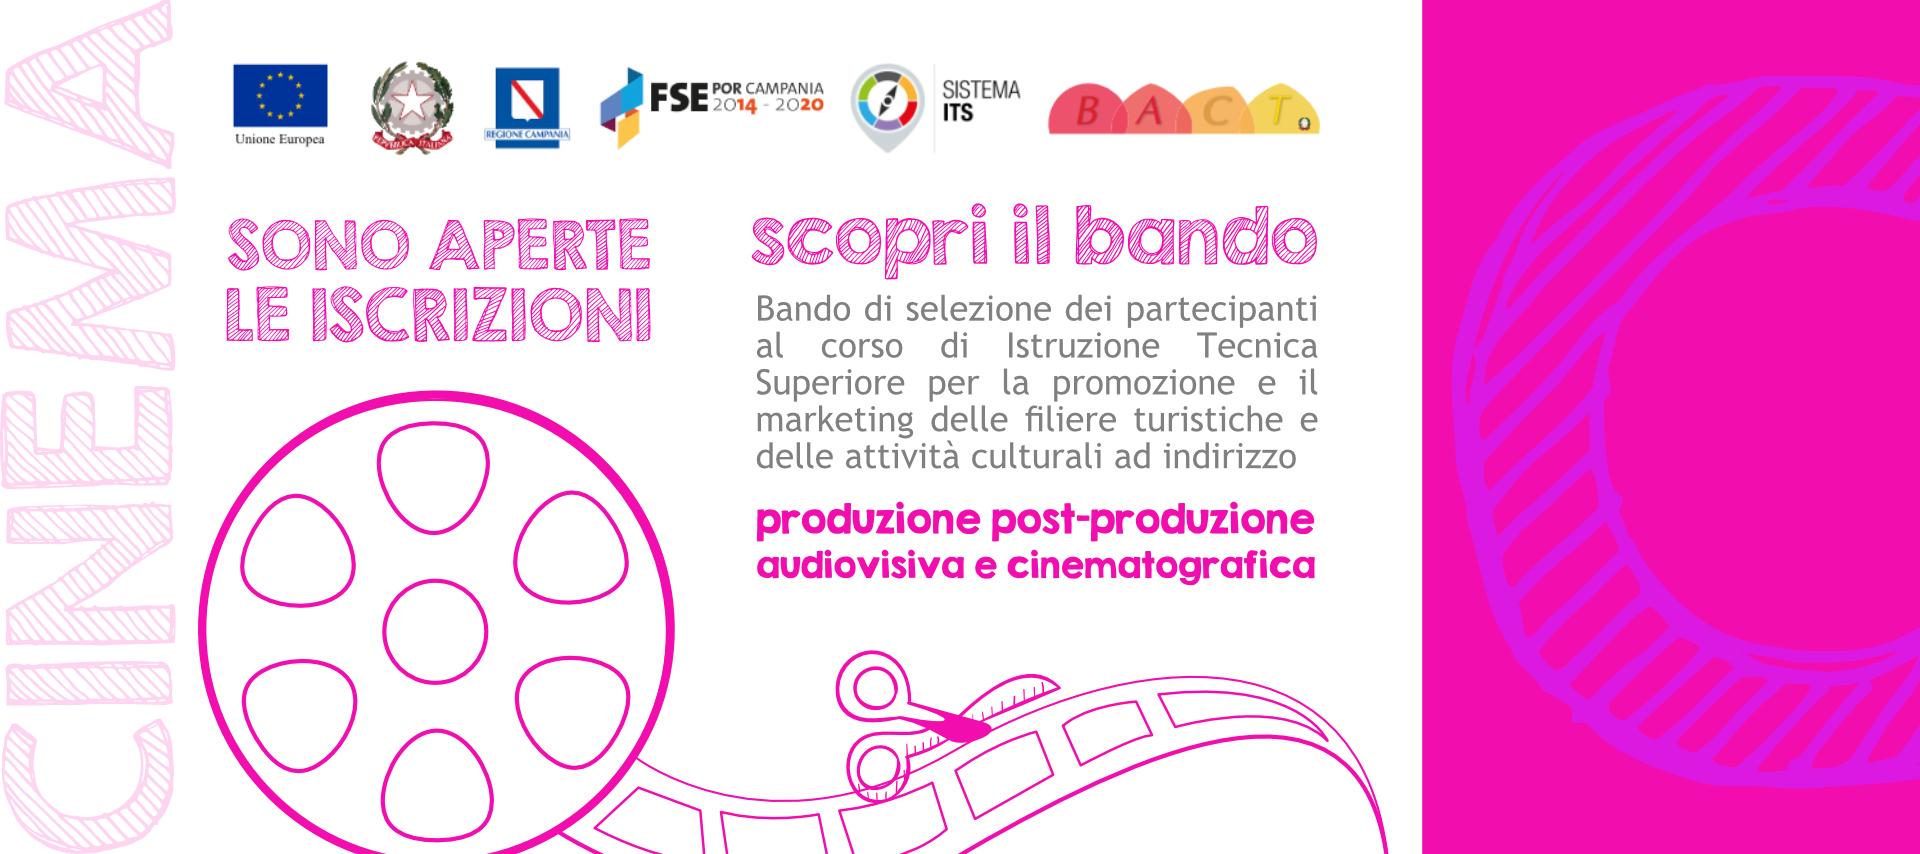 Cinema e audiovisivo: corso finanziato in Campania